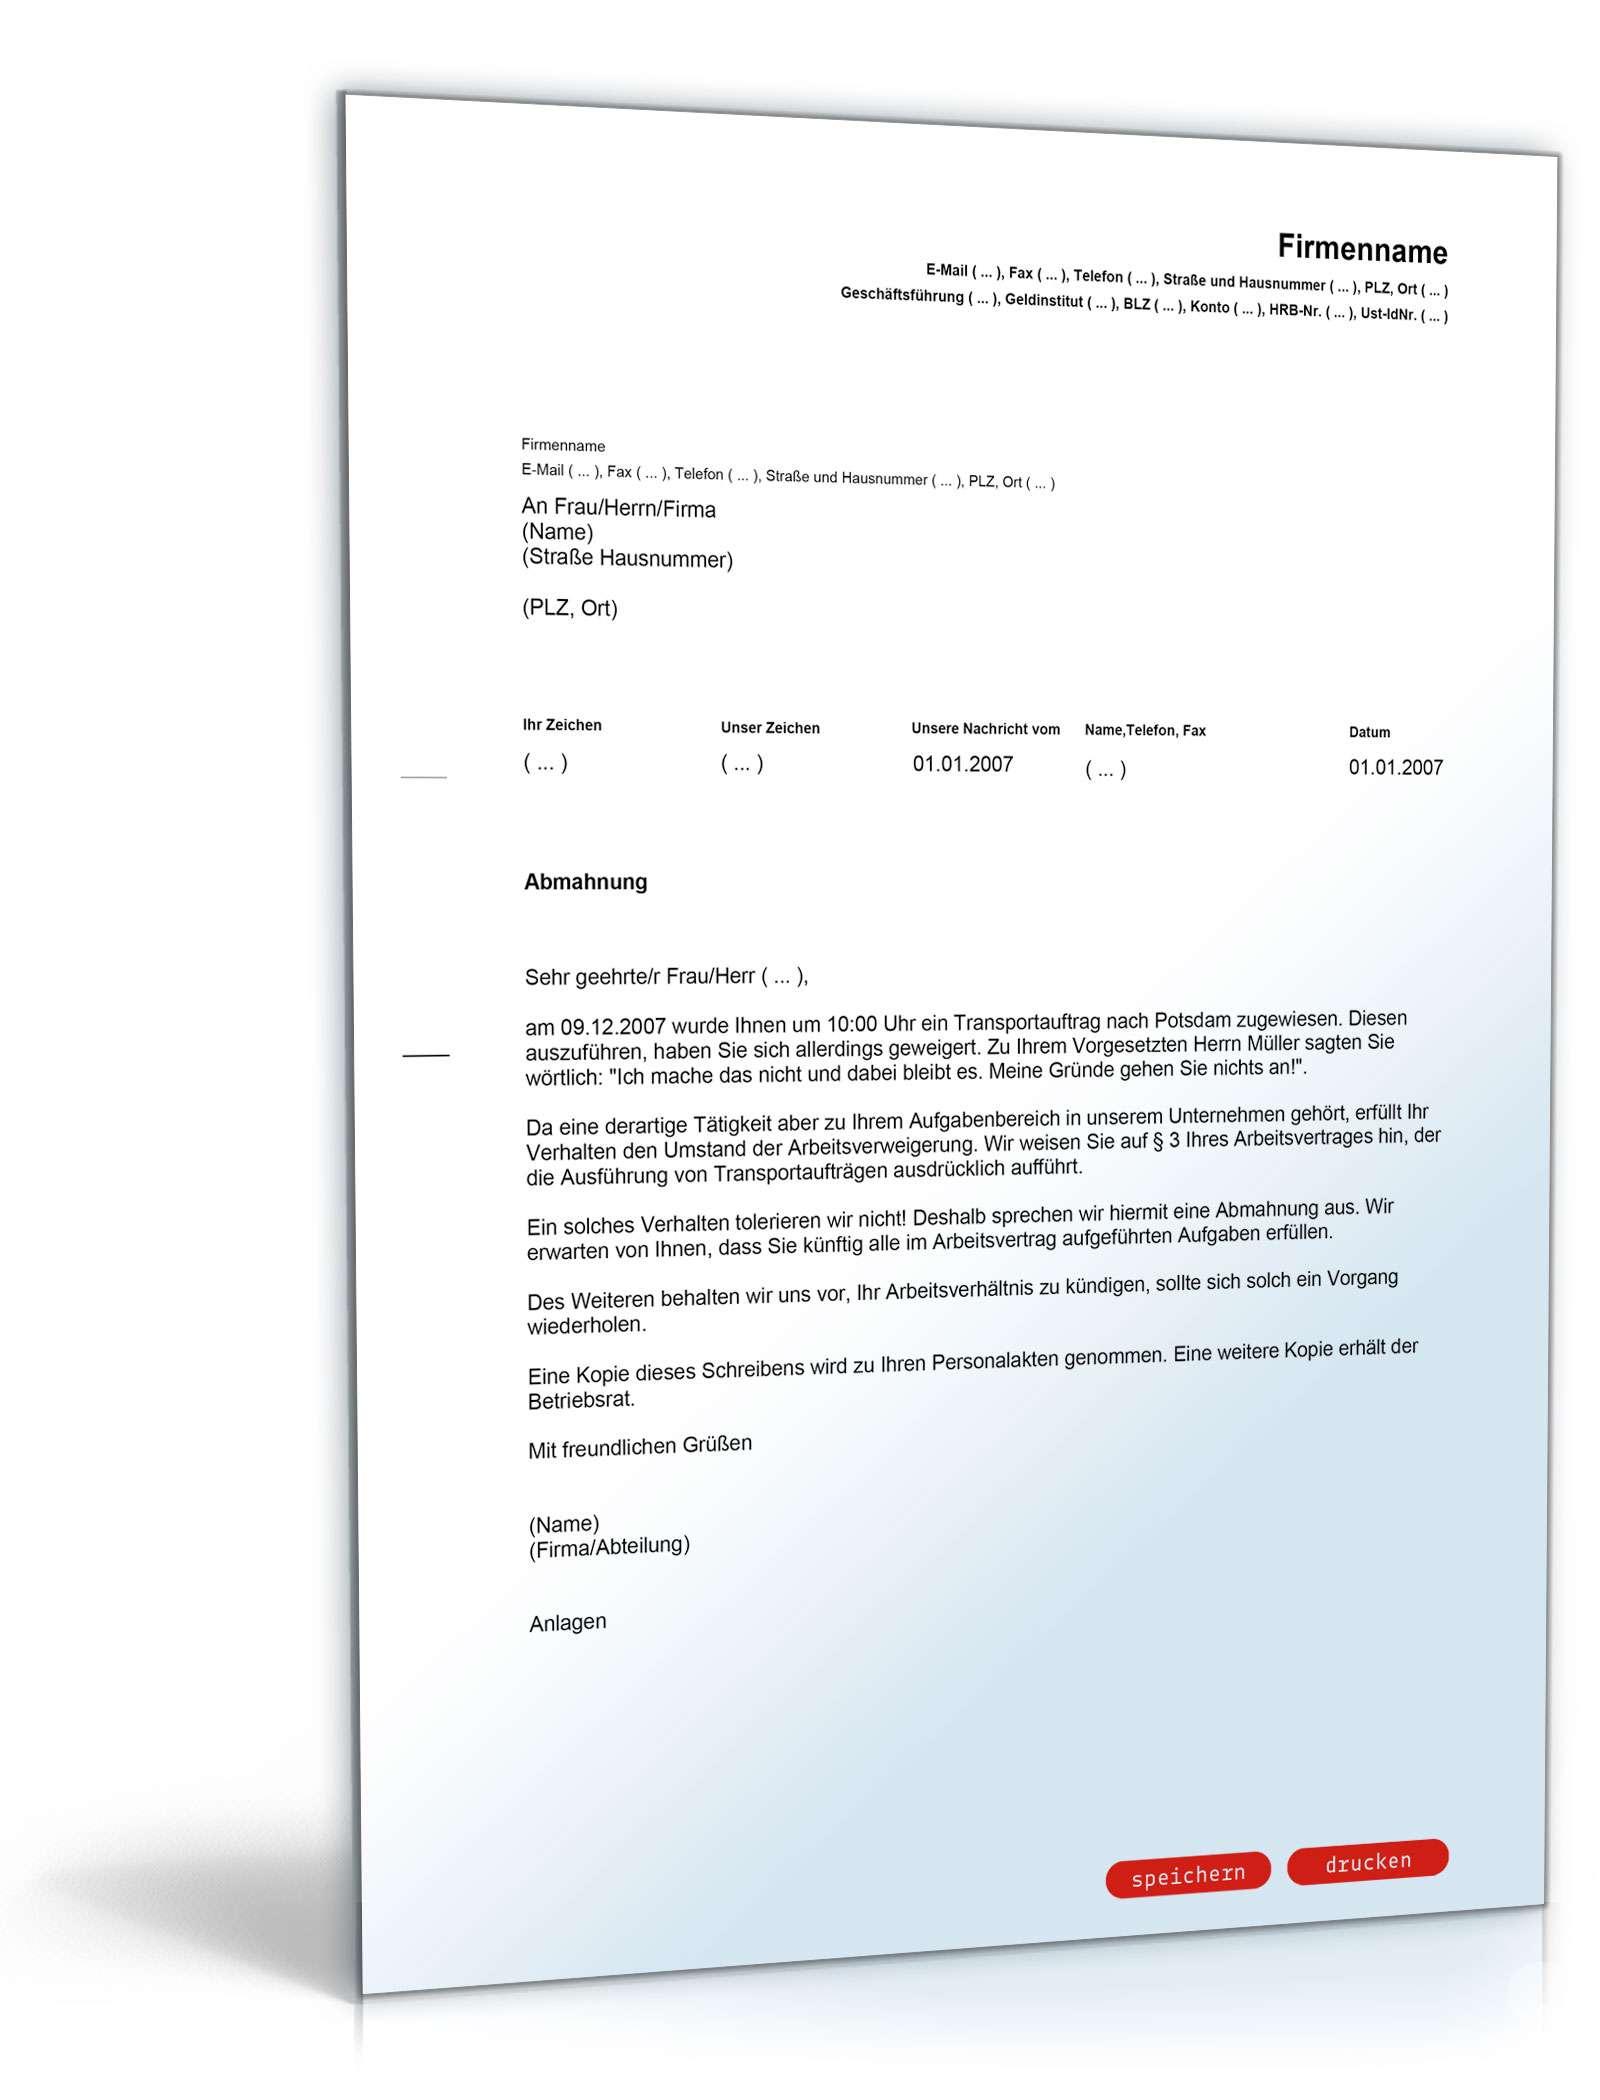 Abmahnung Arbeitsverweigerung Muster Vorlage Zum Download